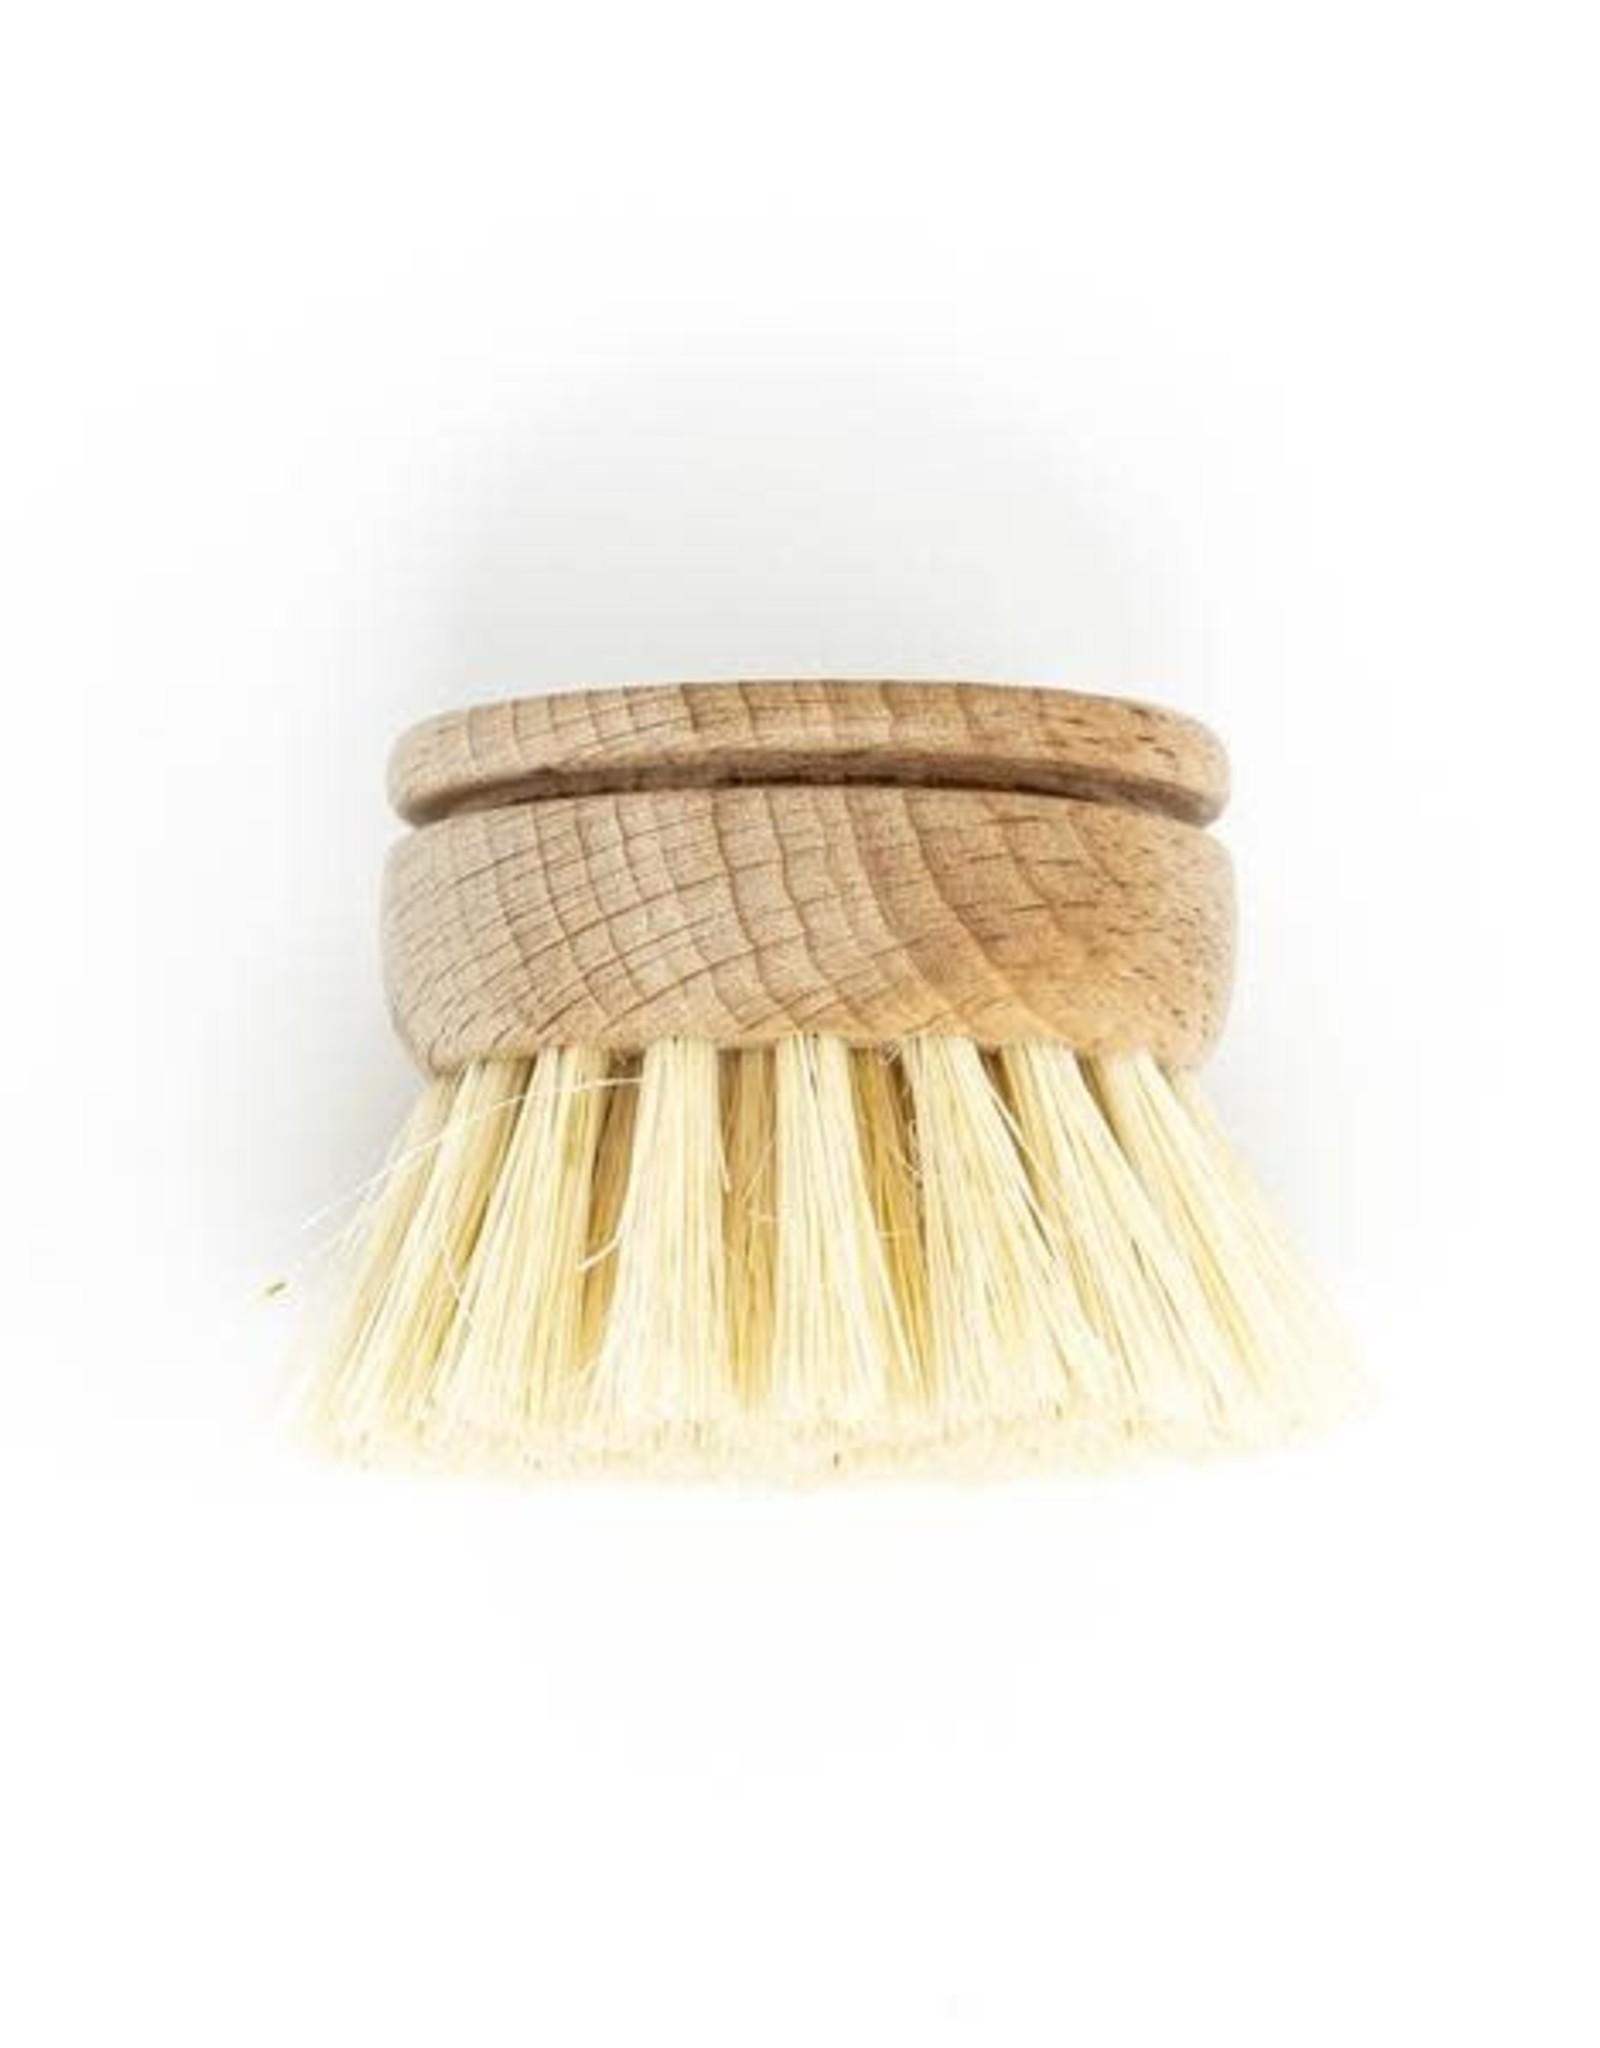 Beachwood  Dish Brush Replacement Head